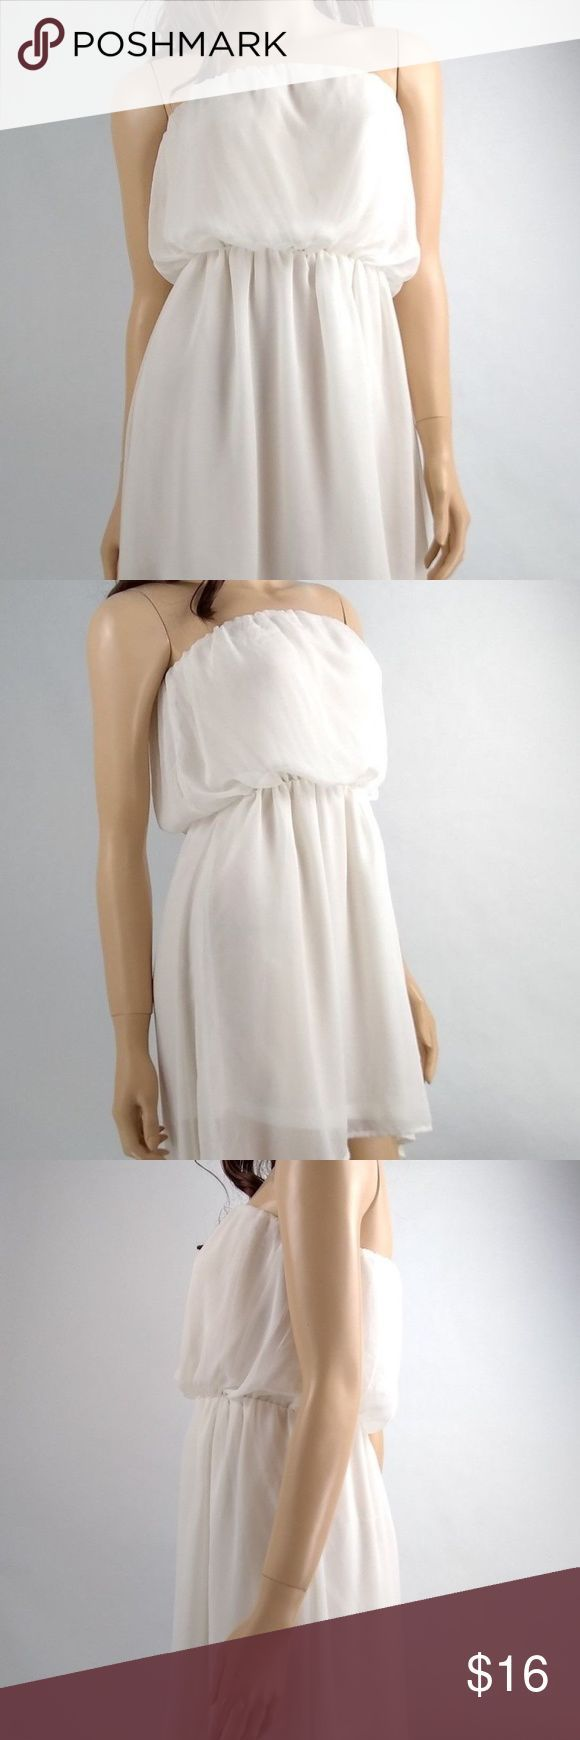 Poetry Ärmelloses weißes kurzes Kleid Größe Small Poetry Ärmelloses weißes #weißekleiderkurz